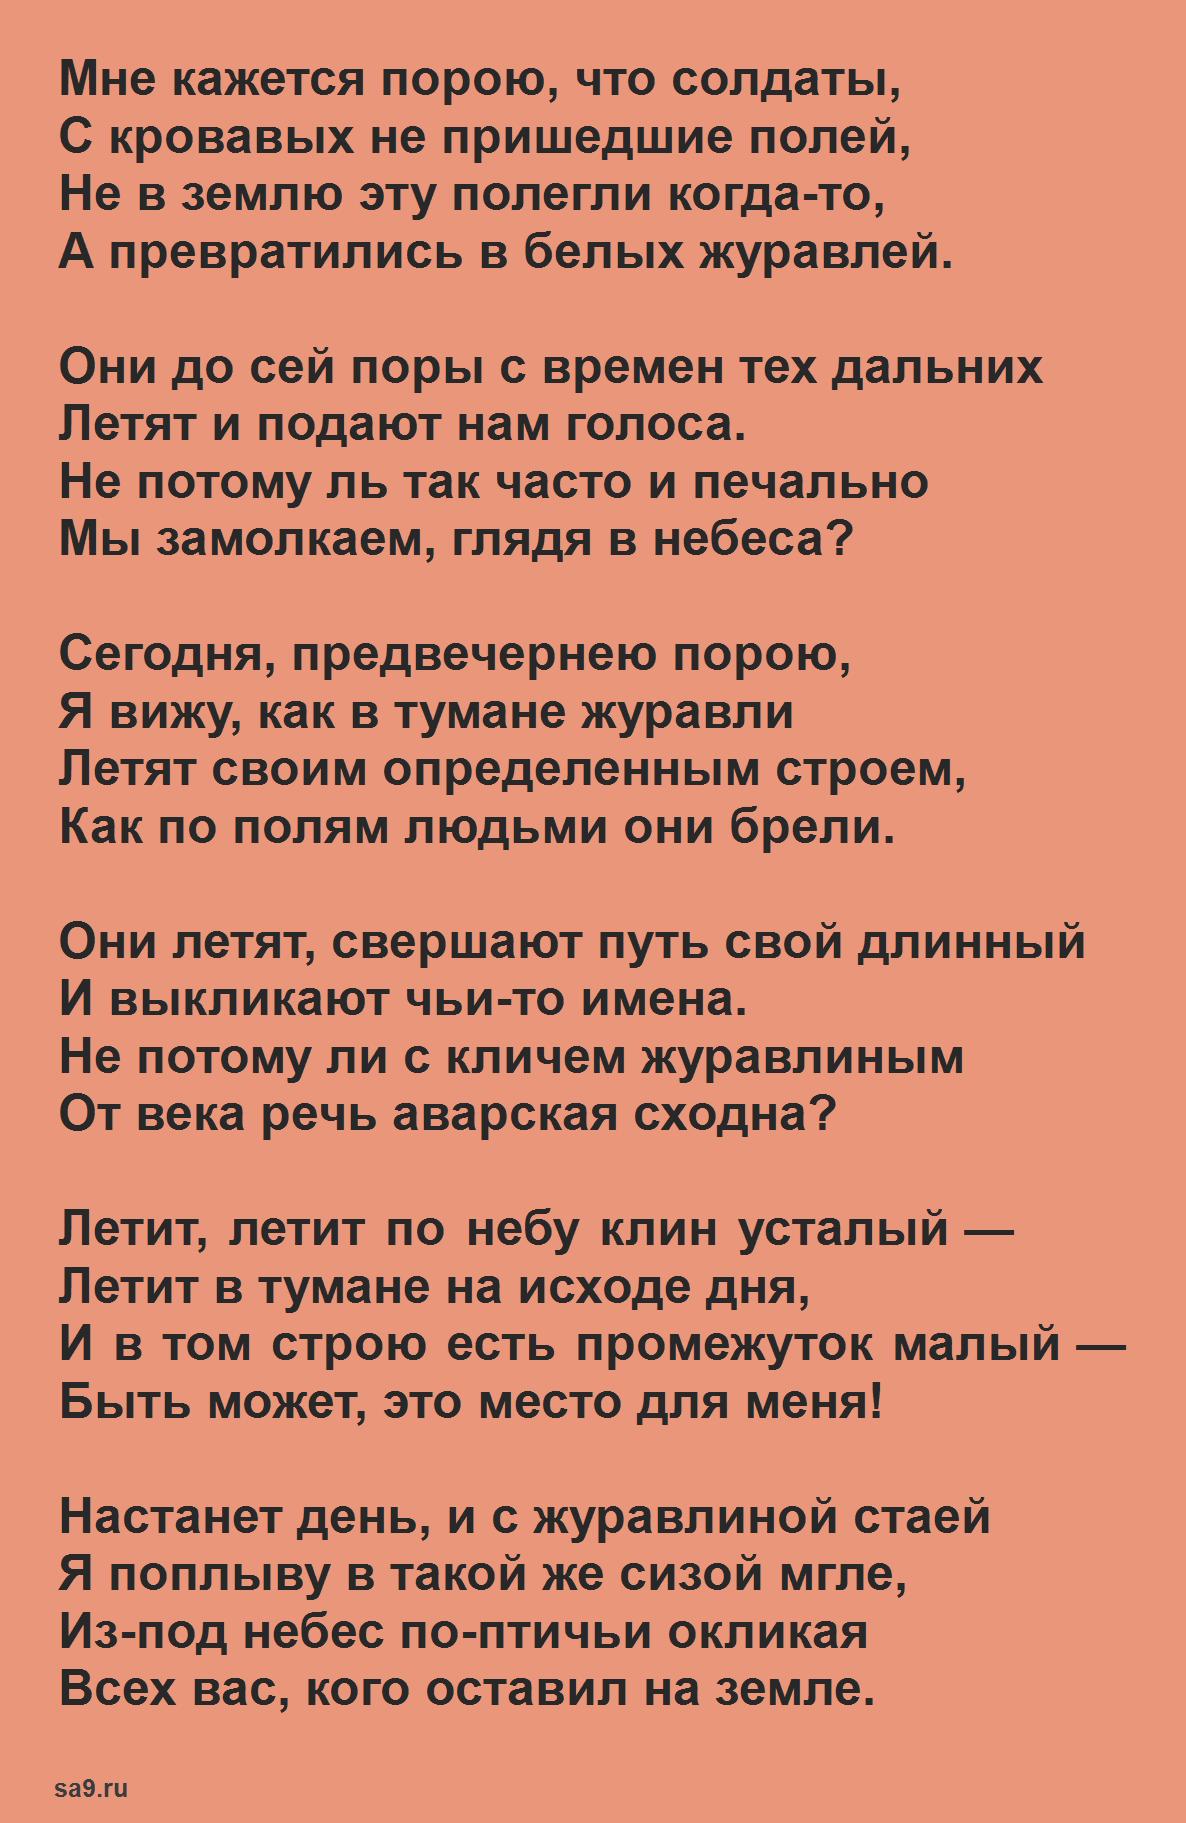 Стих Журавли Гамзатов